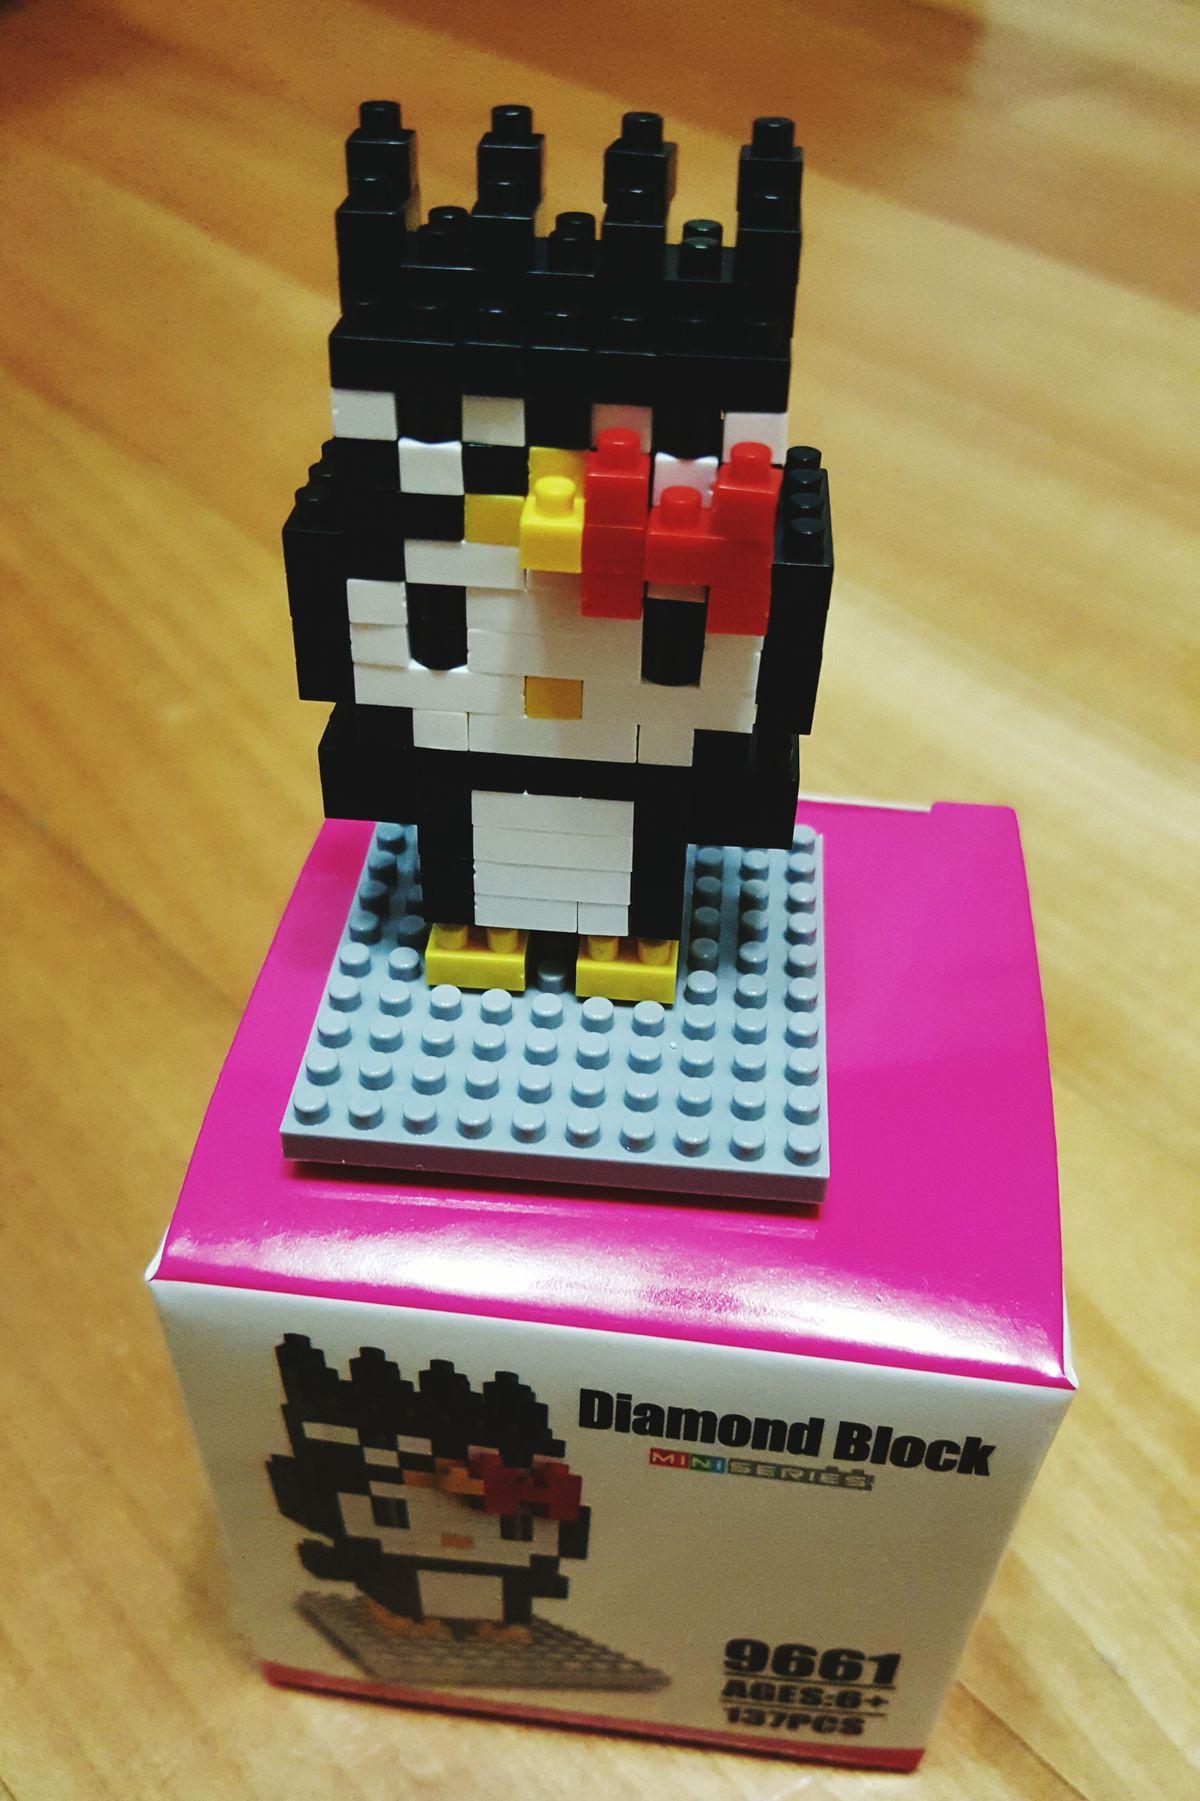 2번째 미니 블럭. 아귀가 좀 안 맞는 느낌이지만, 그래도 꽤 재미있다 하하하.^^ Mini Block 9661